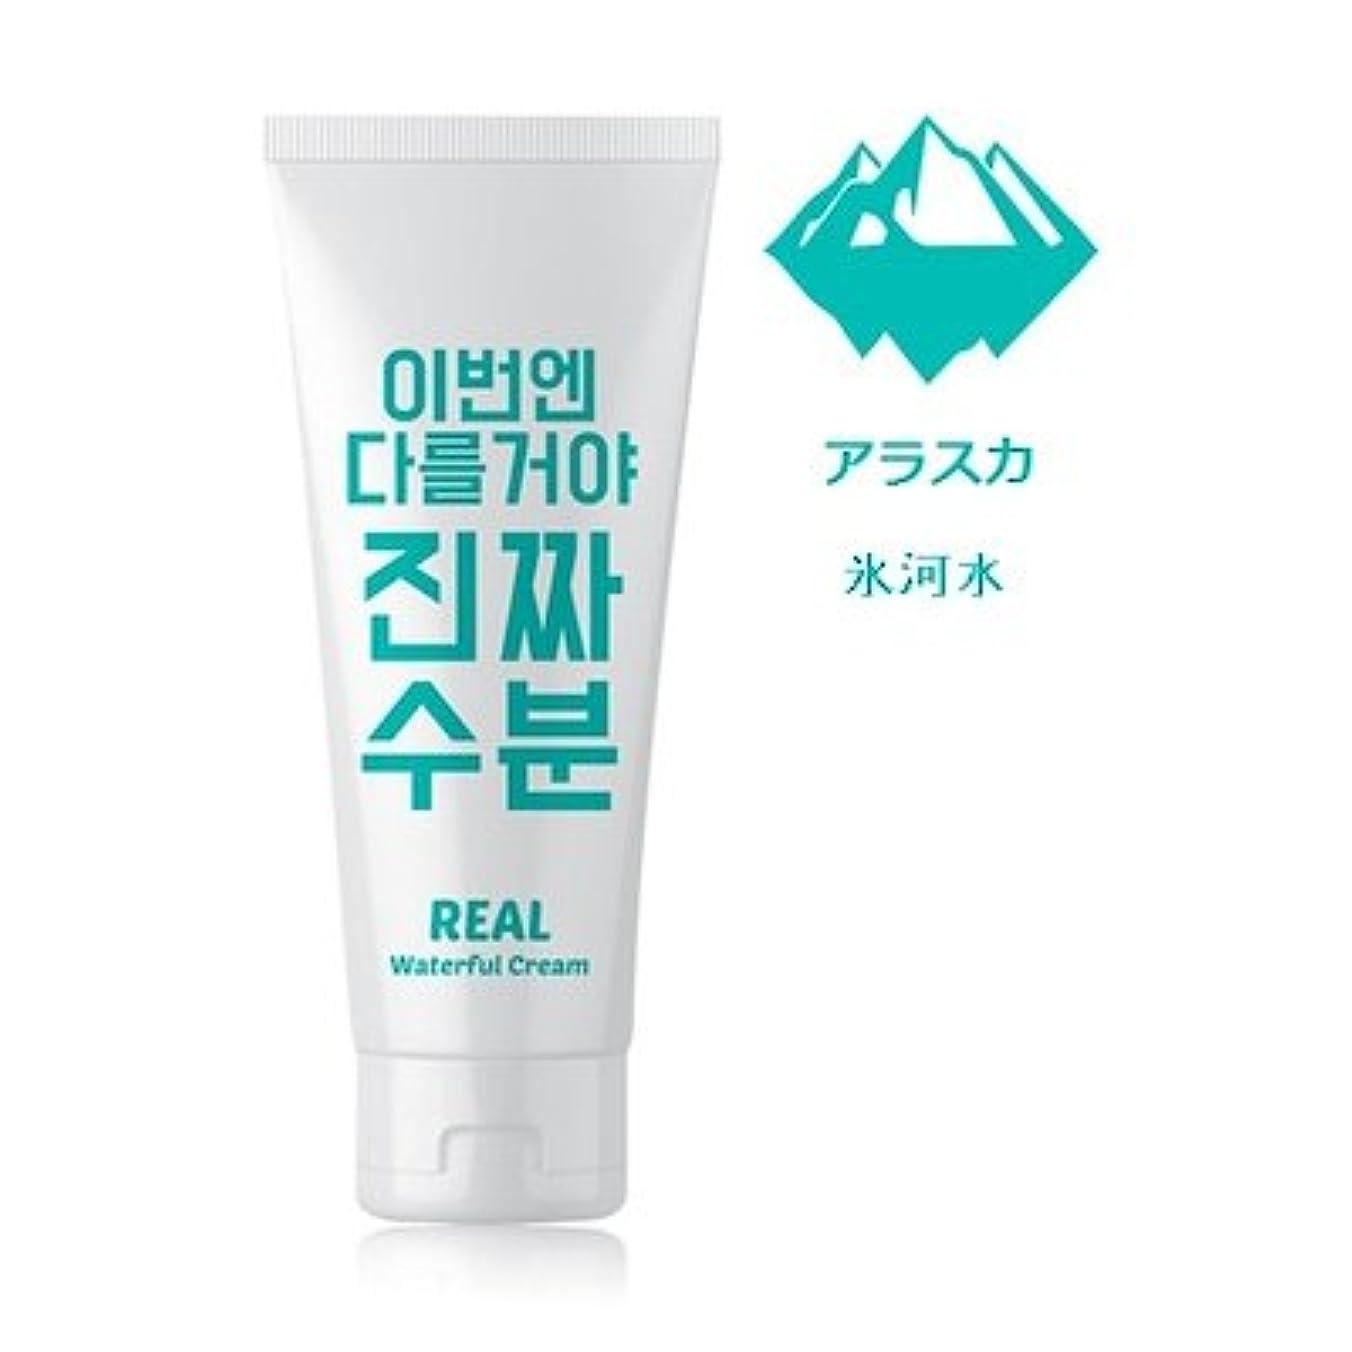 新しい意味平衡無法者Jaminkyung Real Waterful Cream/孜民耕 [ジャミンギョン] 今度は違うぞ本当の水分クリーム 200ml [並行輸入品]